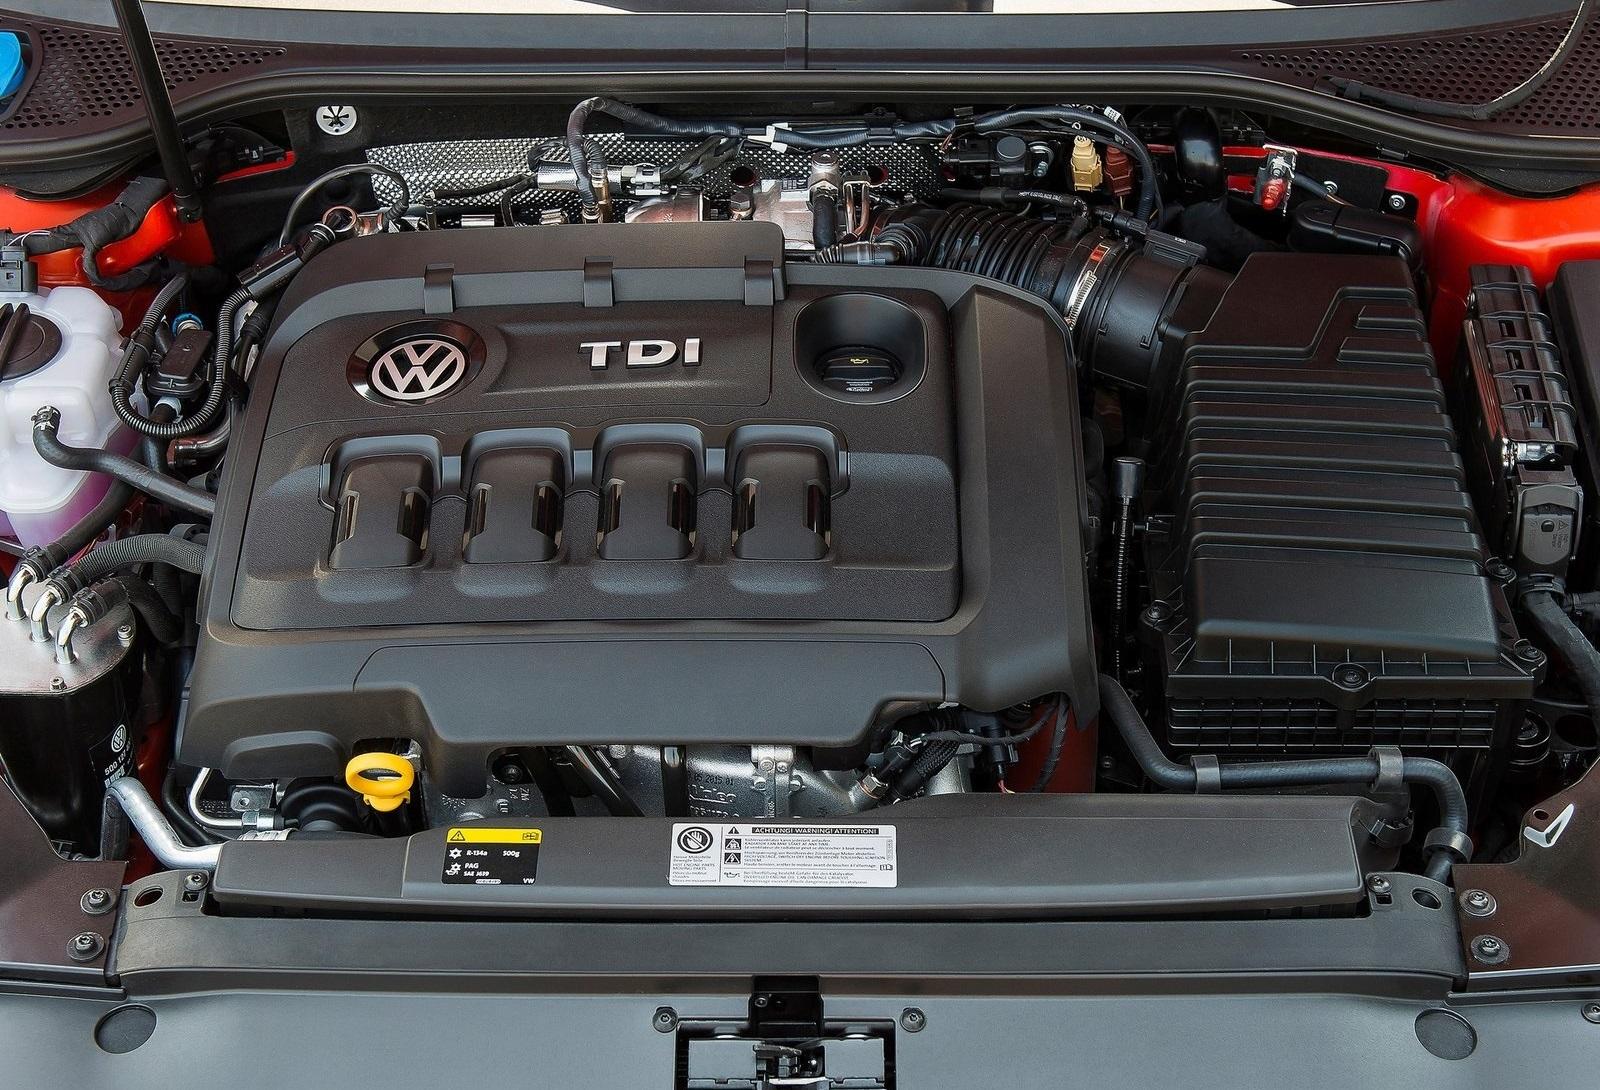 2016 Volkswagen Passat Alltrack Engine View (View 14 of 18)